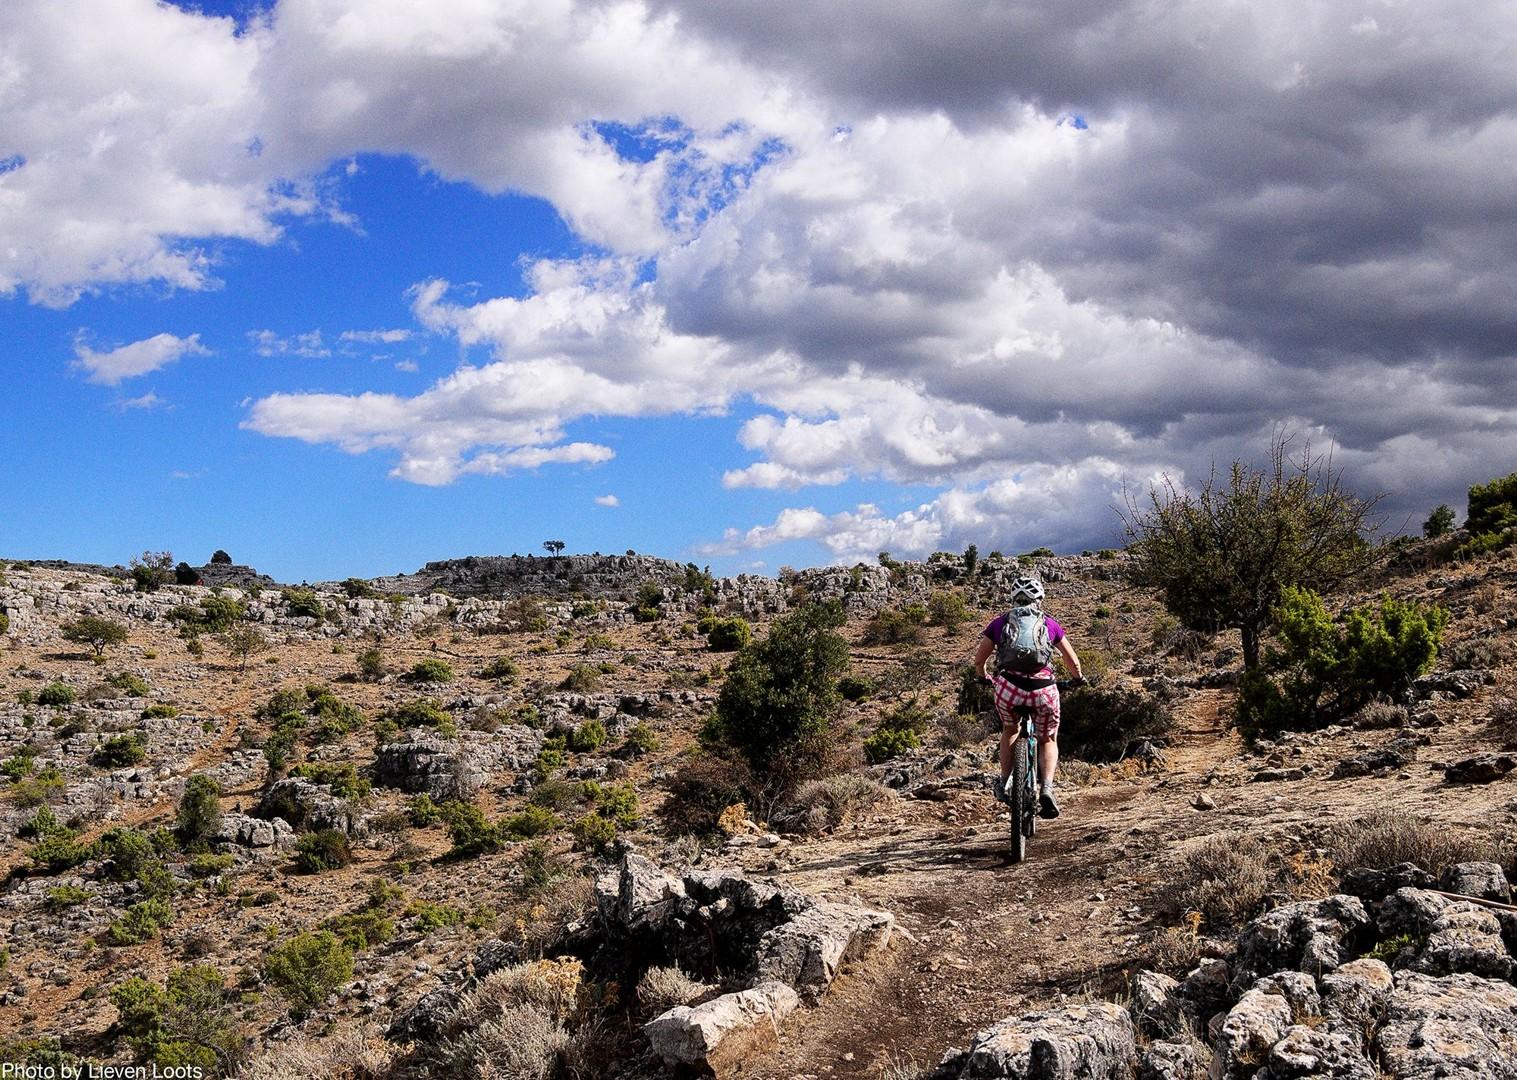 monte-albo-mountain-biking-holiday-in-sardinia-traverse.jpg - Sardinia - Sardinia Traverse - Guided Mountain Bike Holiday - Mountain Biking